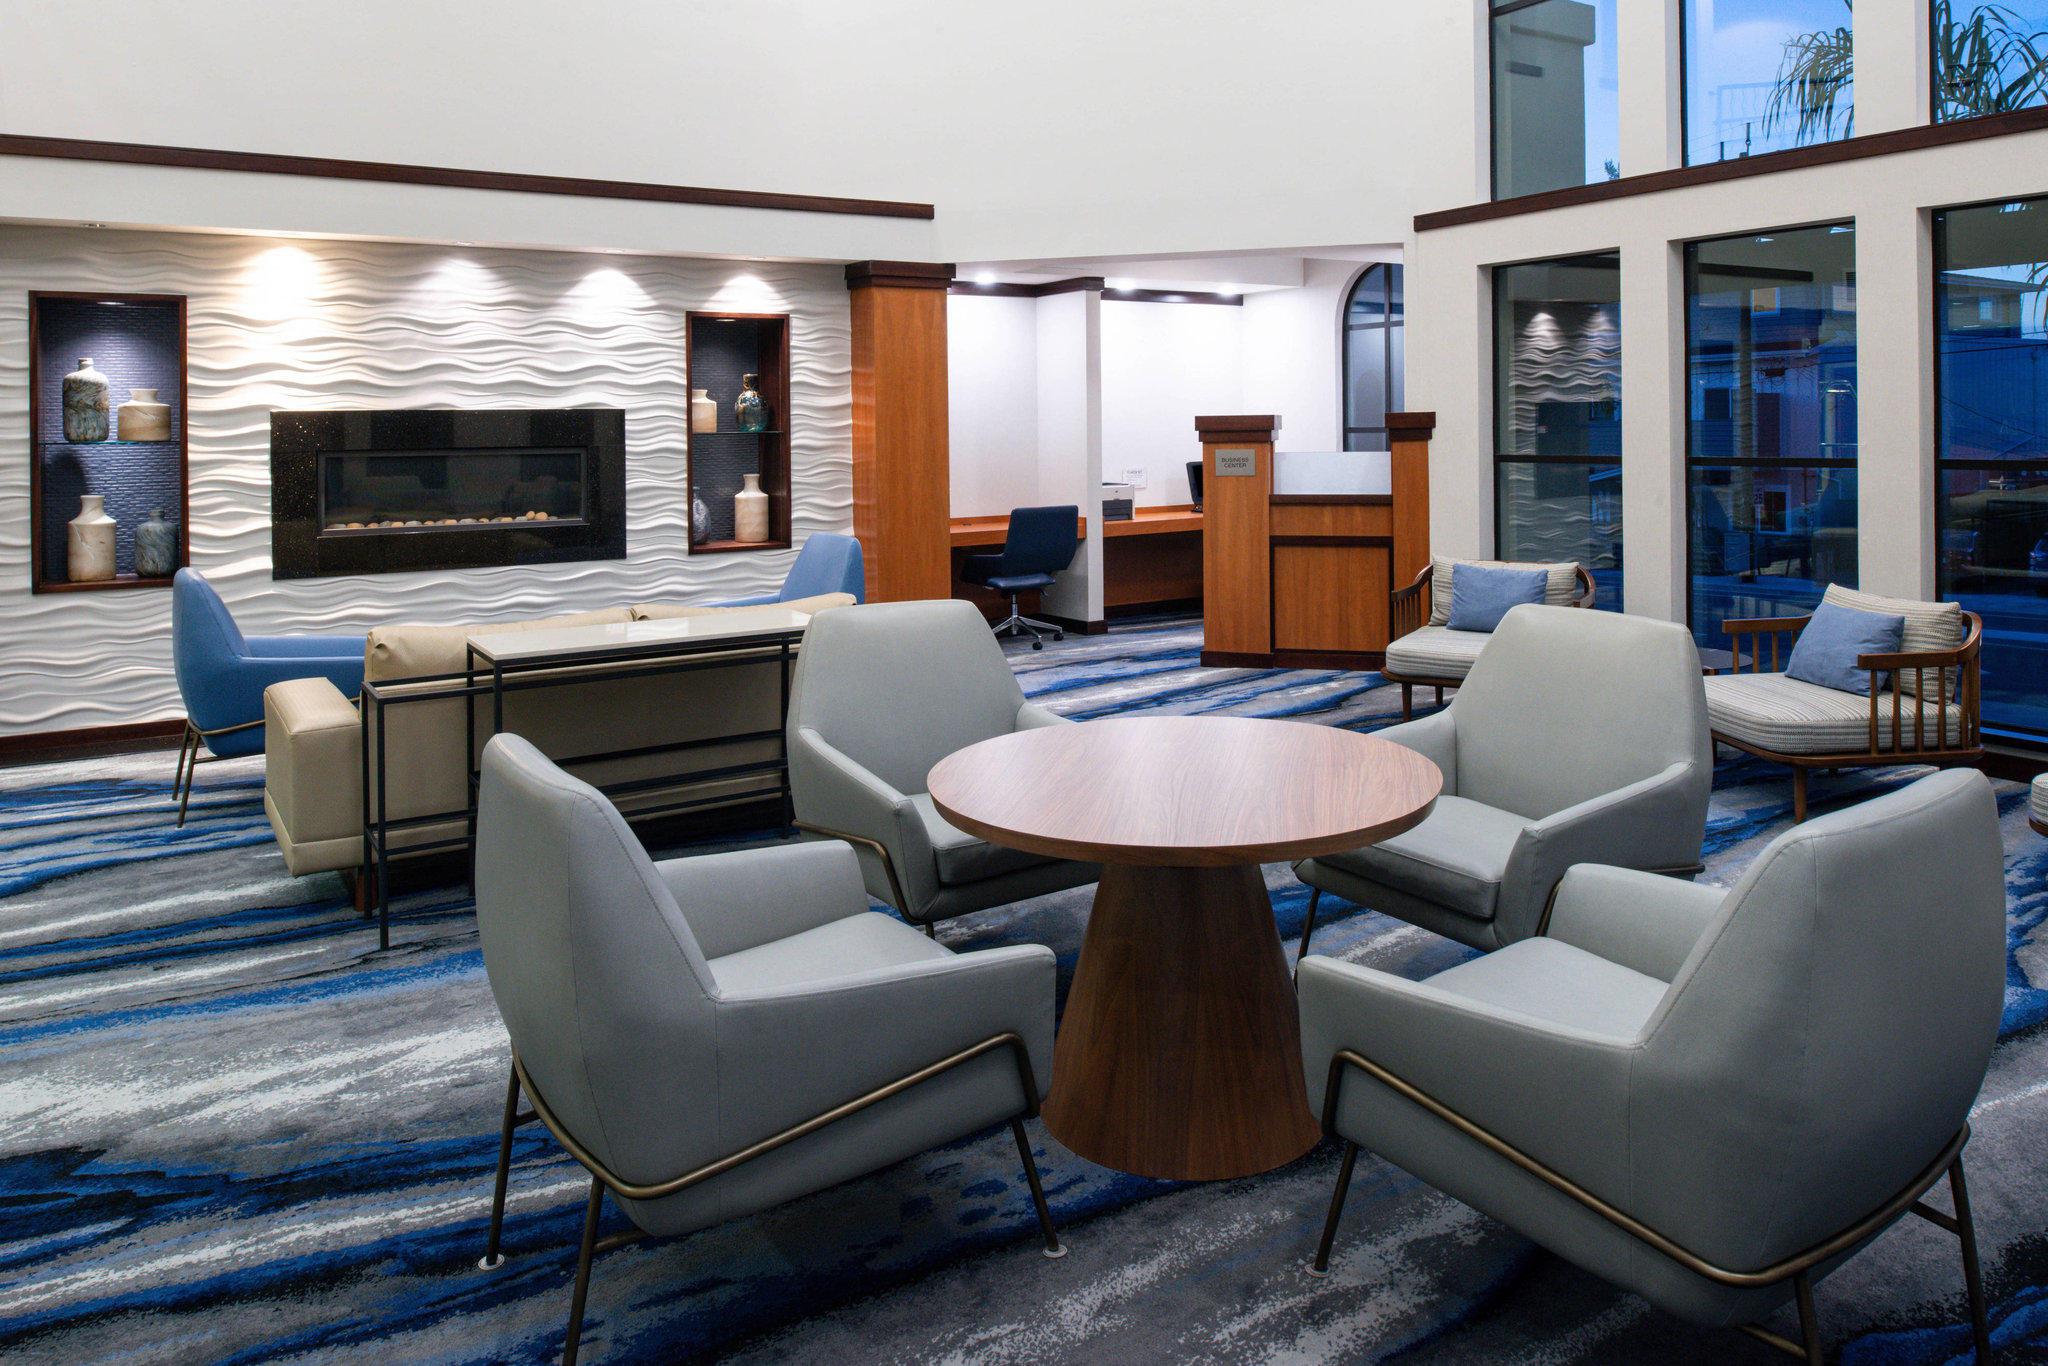 Fairfield Inn & Suites by Marriott Santa Cruz - Capitola